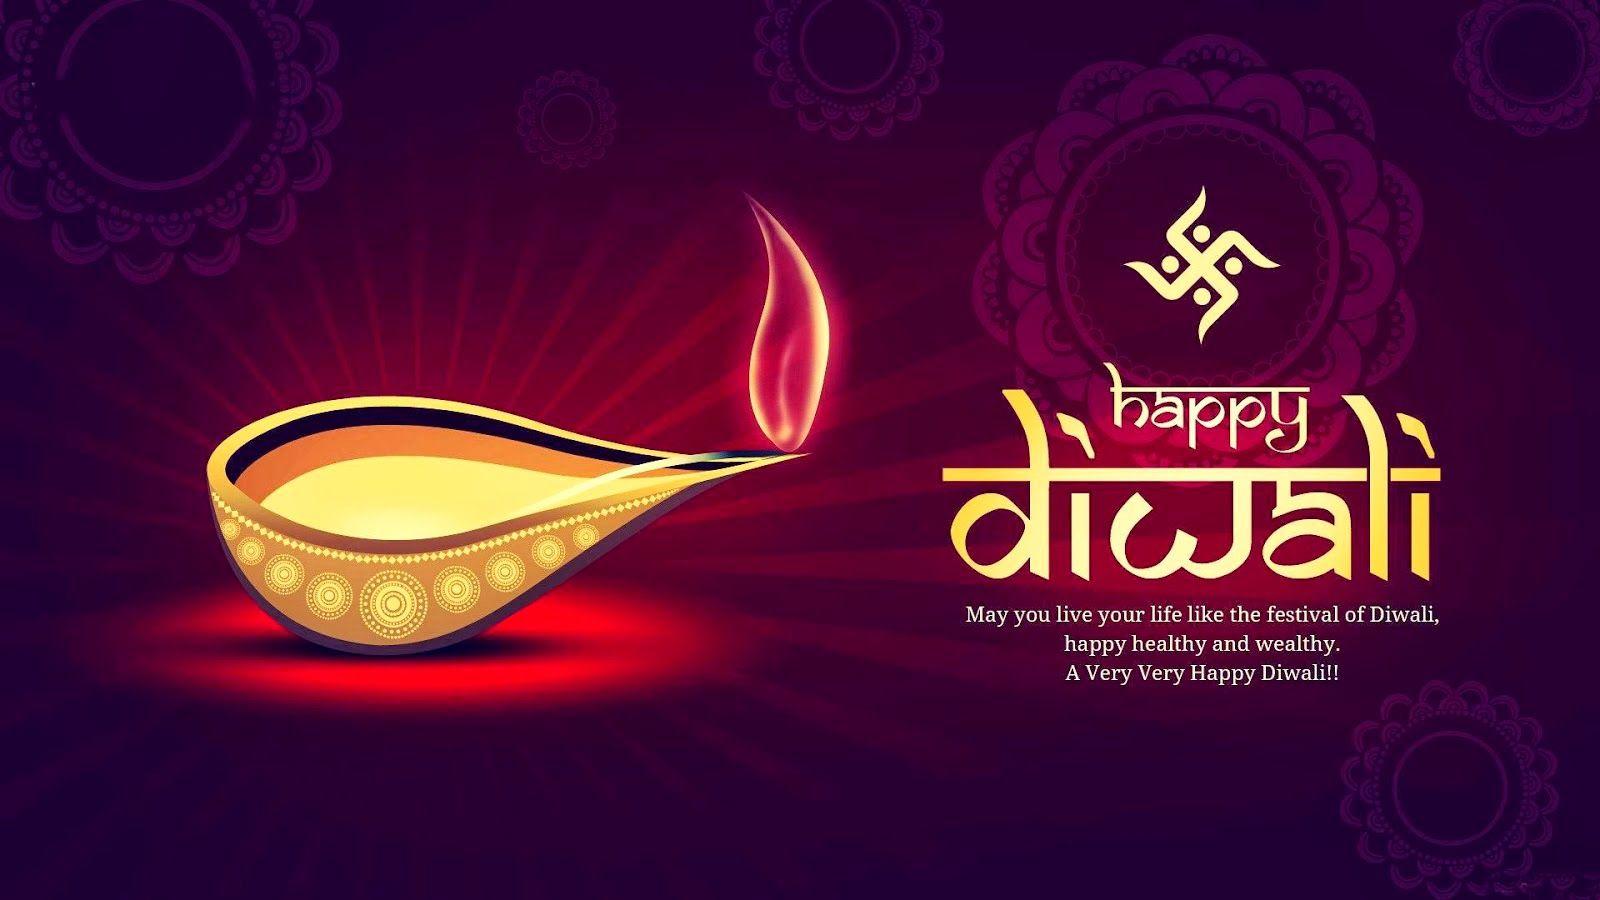 beautiful diwali poster diwali diwali poster beautiful diwali poster